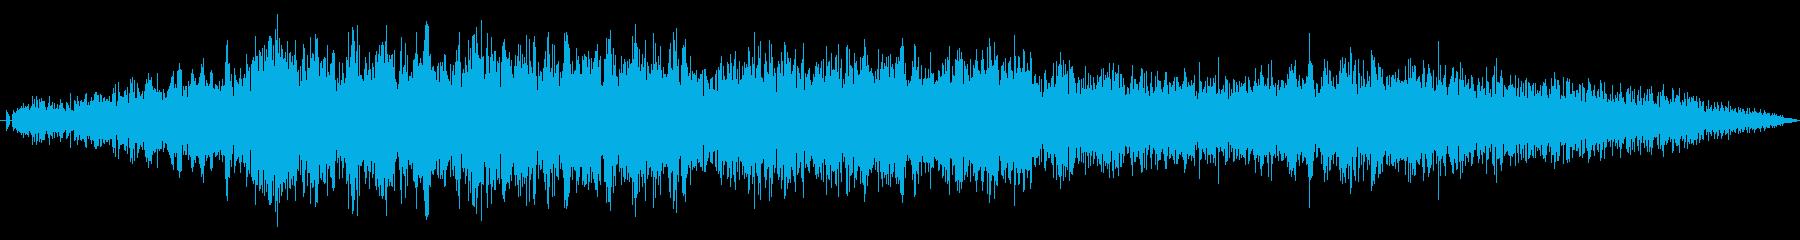 F1などのレース、エンジン音に最適13!の再生済みの波形